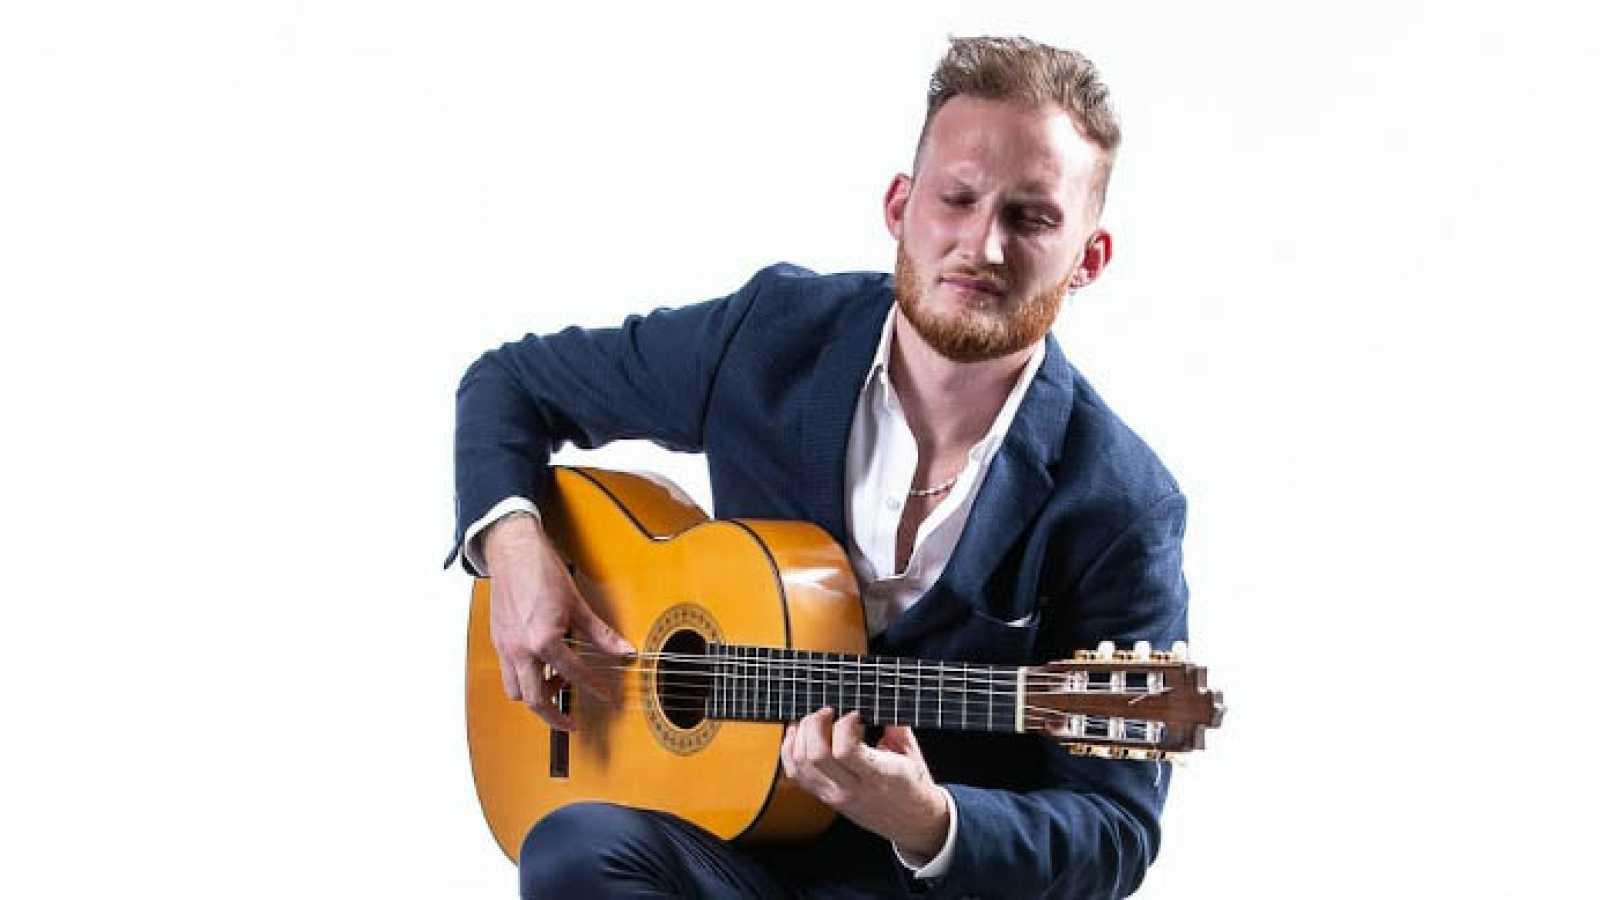 Tiempo Flamenco - Cautivados por la guitarra de Pepe Fernández - 21/03/21 - escuchar ahora